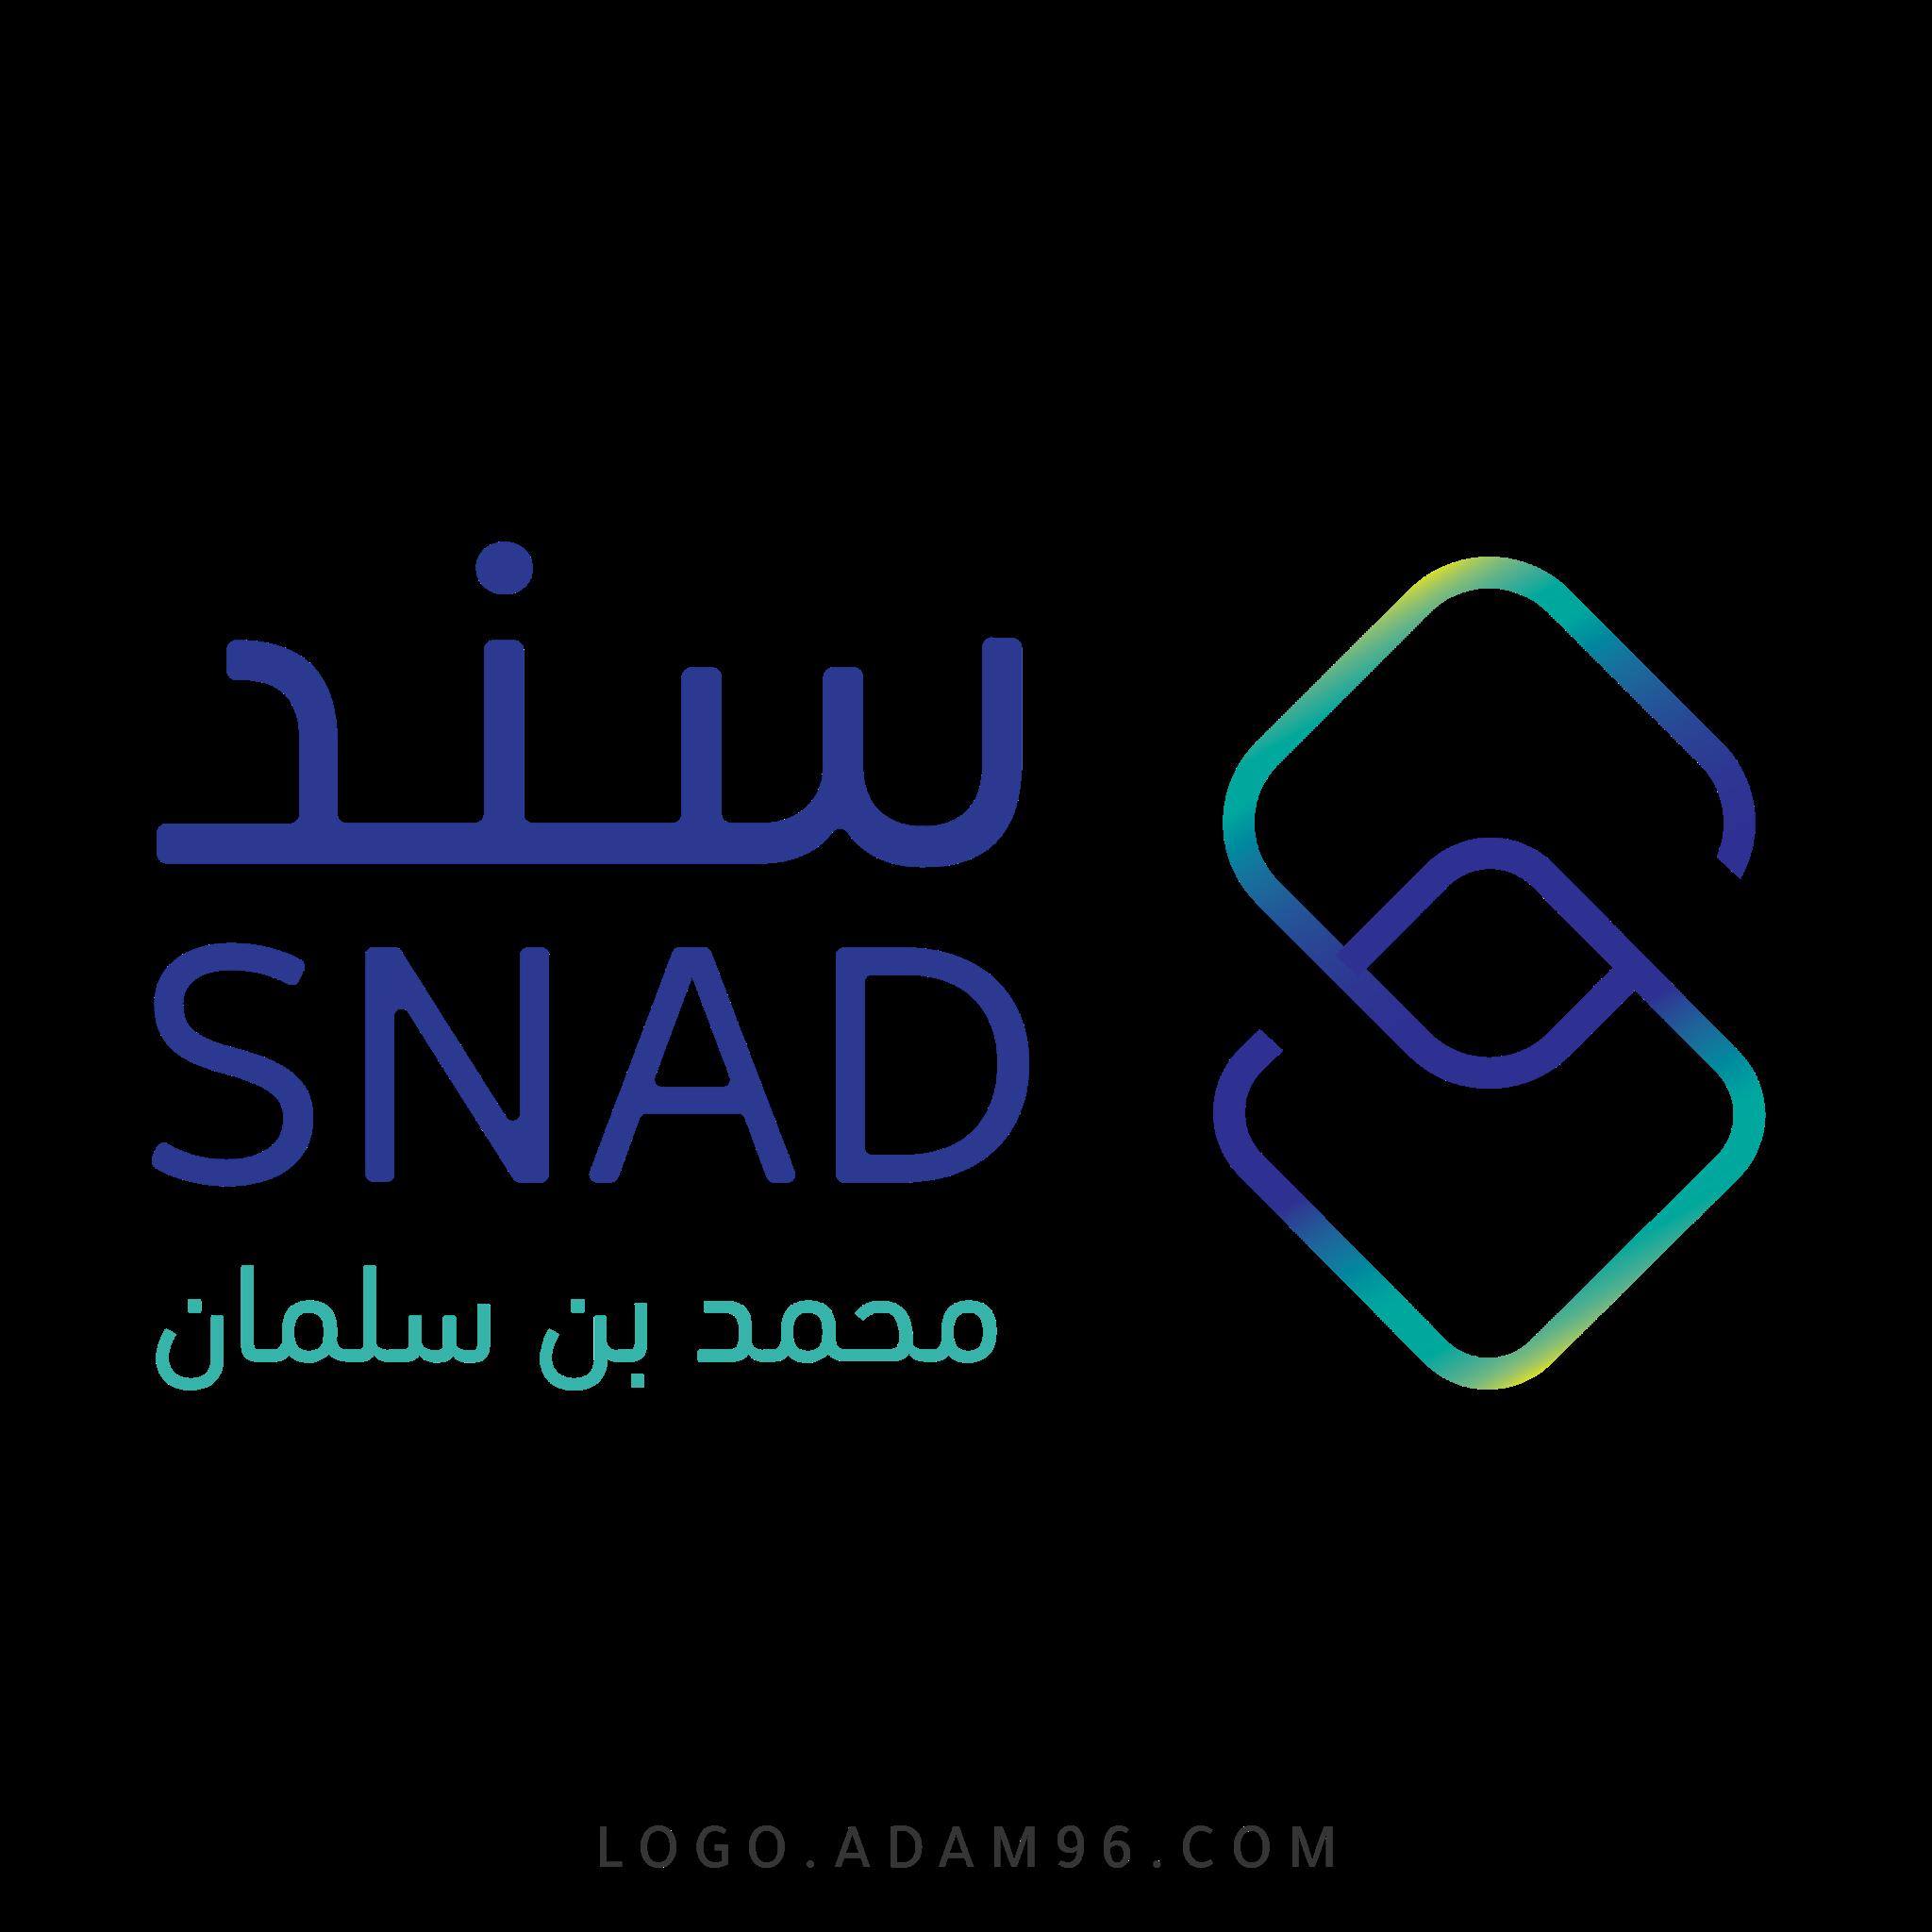 تحميل شعار سند محمد بن سلمان عالي الجودة بصيغة شفافة PNG